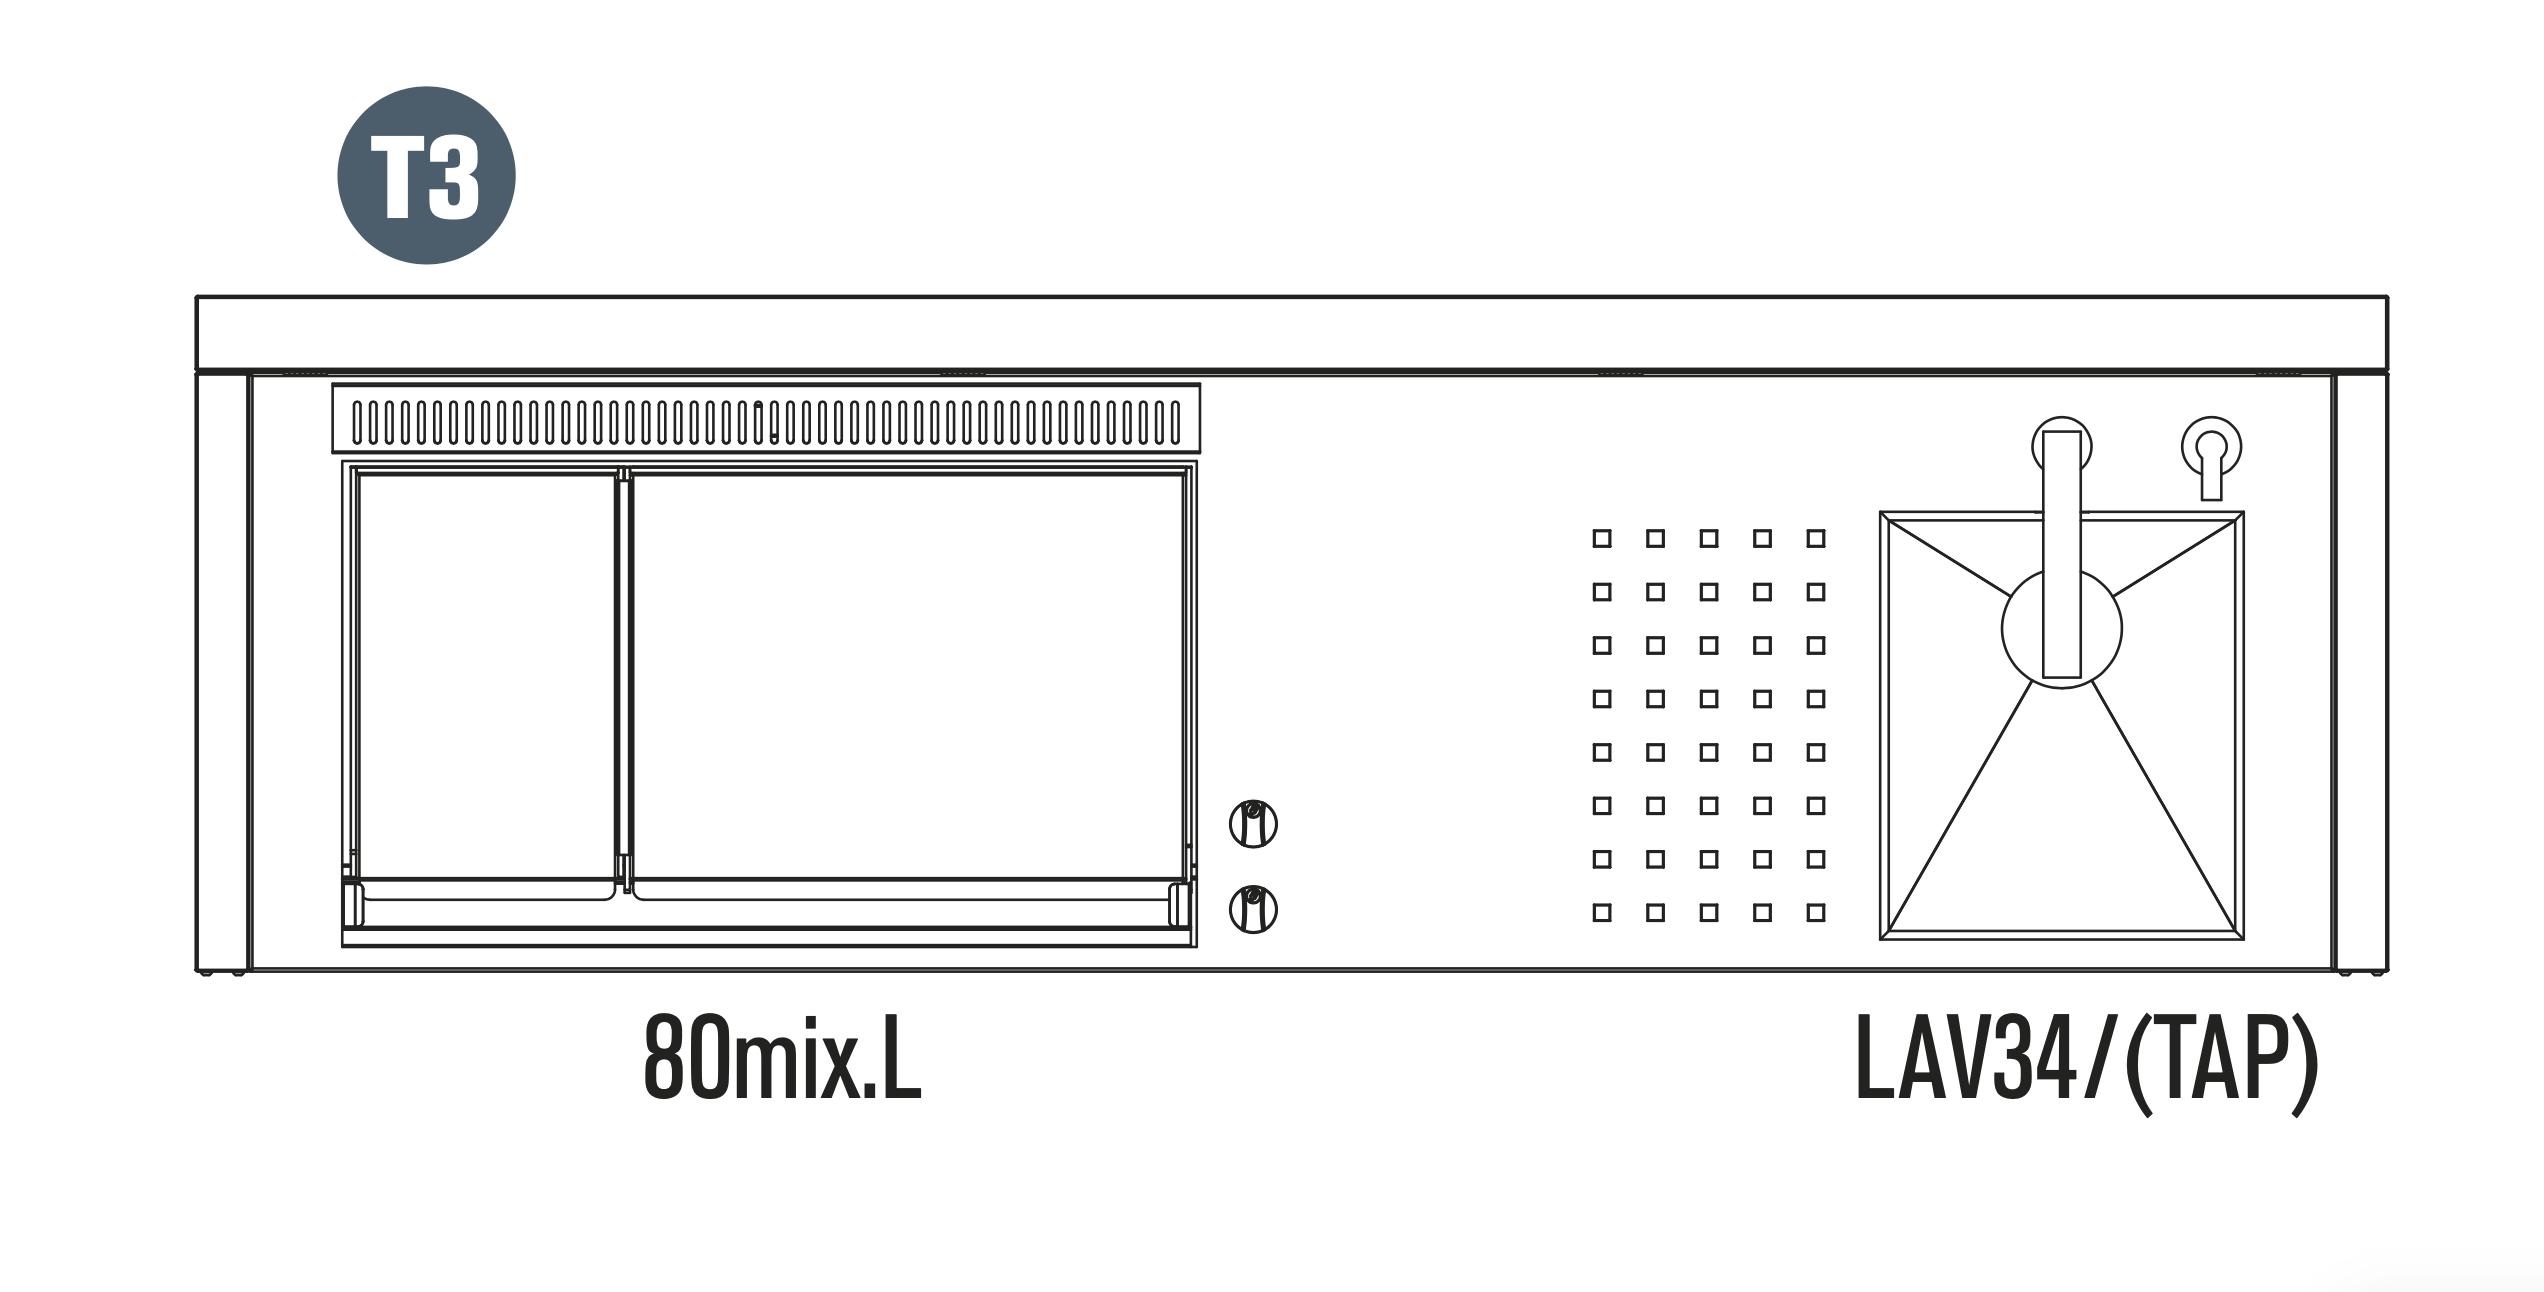 OASI Serie Outdoorküche 205-C5 T3 (IN 80 MIX L)